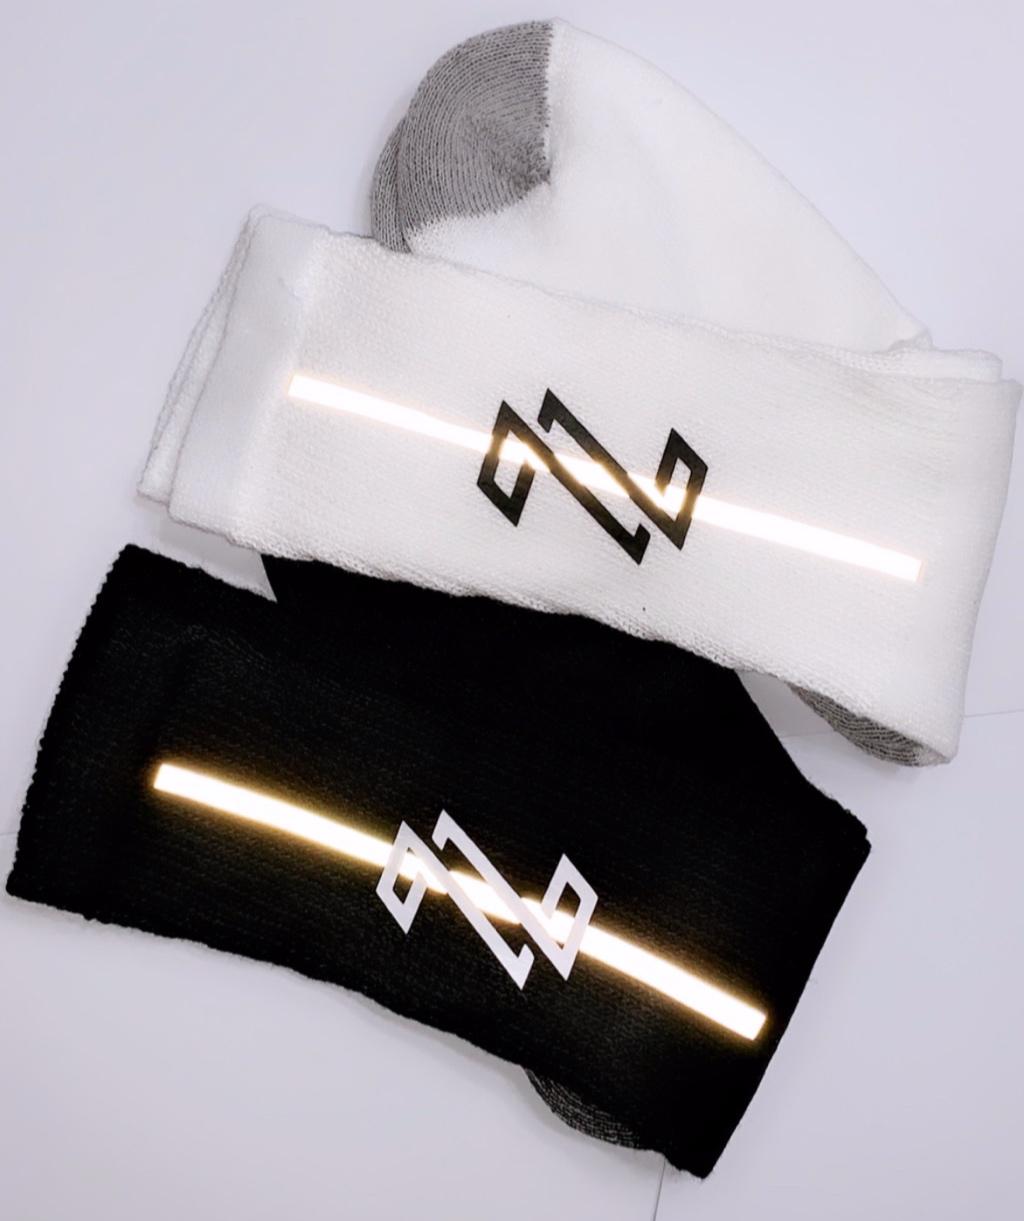 ZELESTE REFLECT SOCKS - Mens Zeleste Reflective socks are now here in mens sizes 6-12.LIMITED SOCKS available!